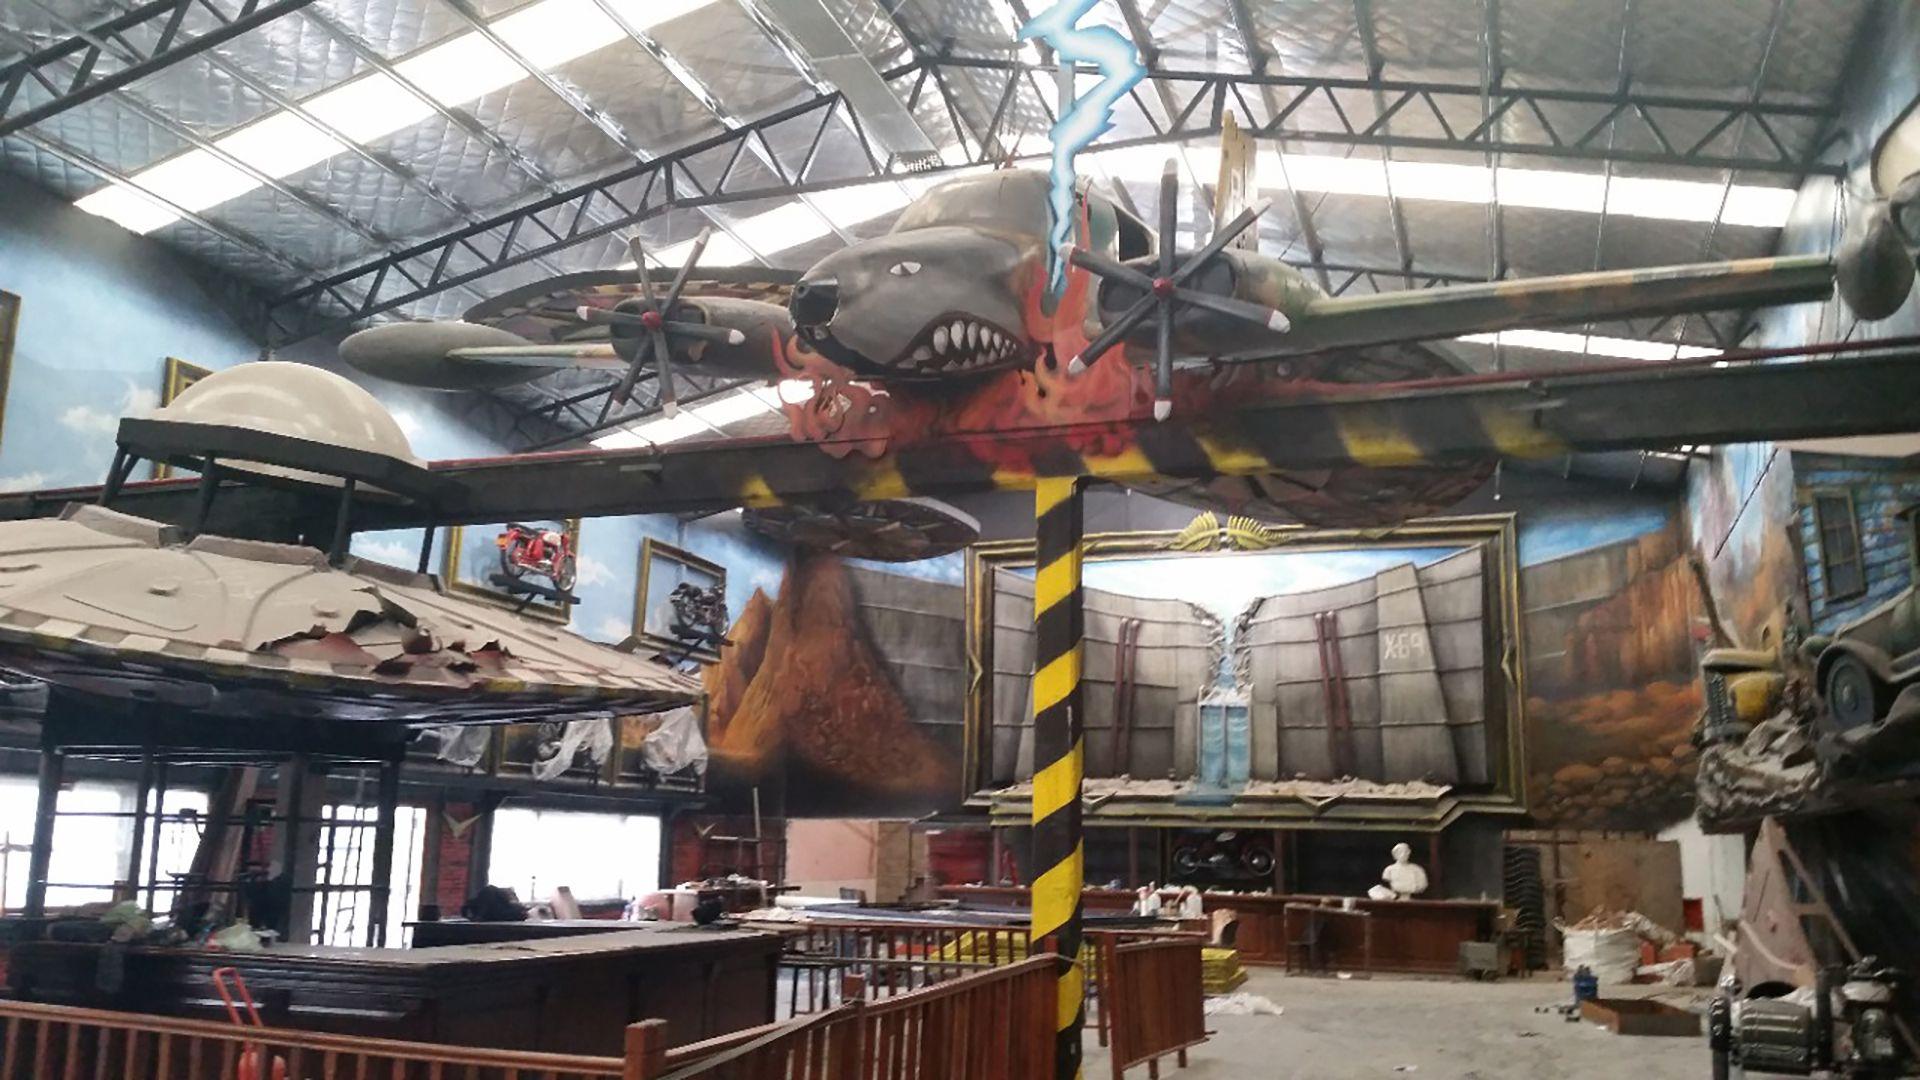 En los murales 3D del boliche Parada 13, Lavista Llanos colgó un avión en uno de sus laterales